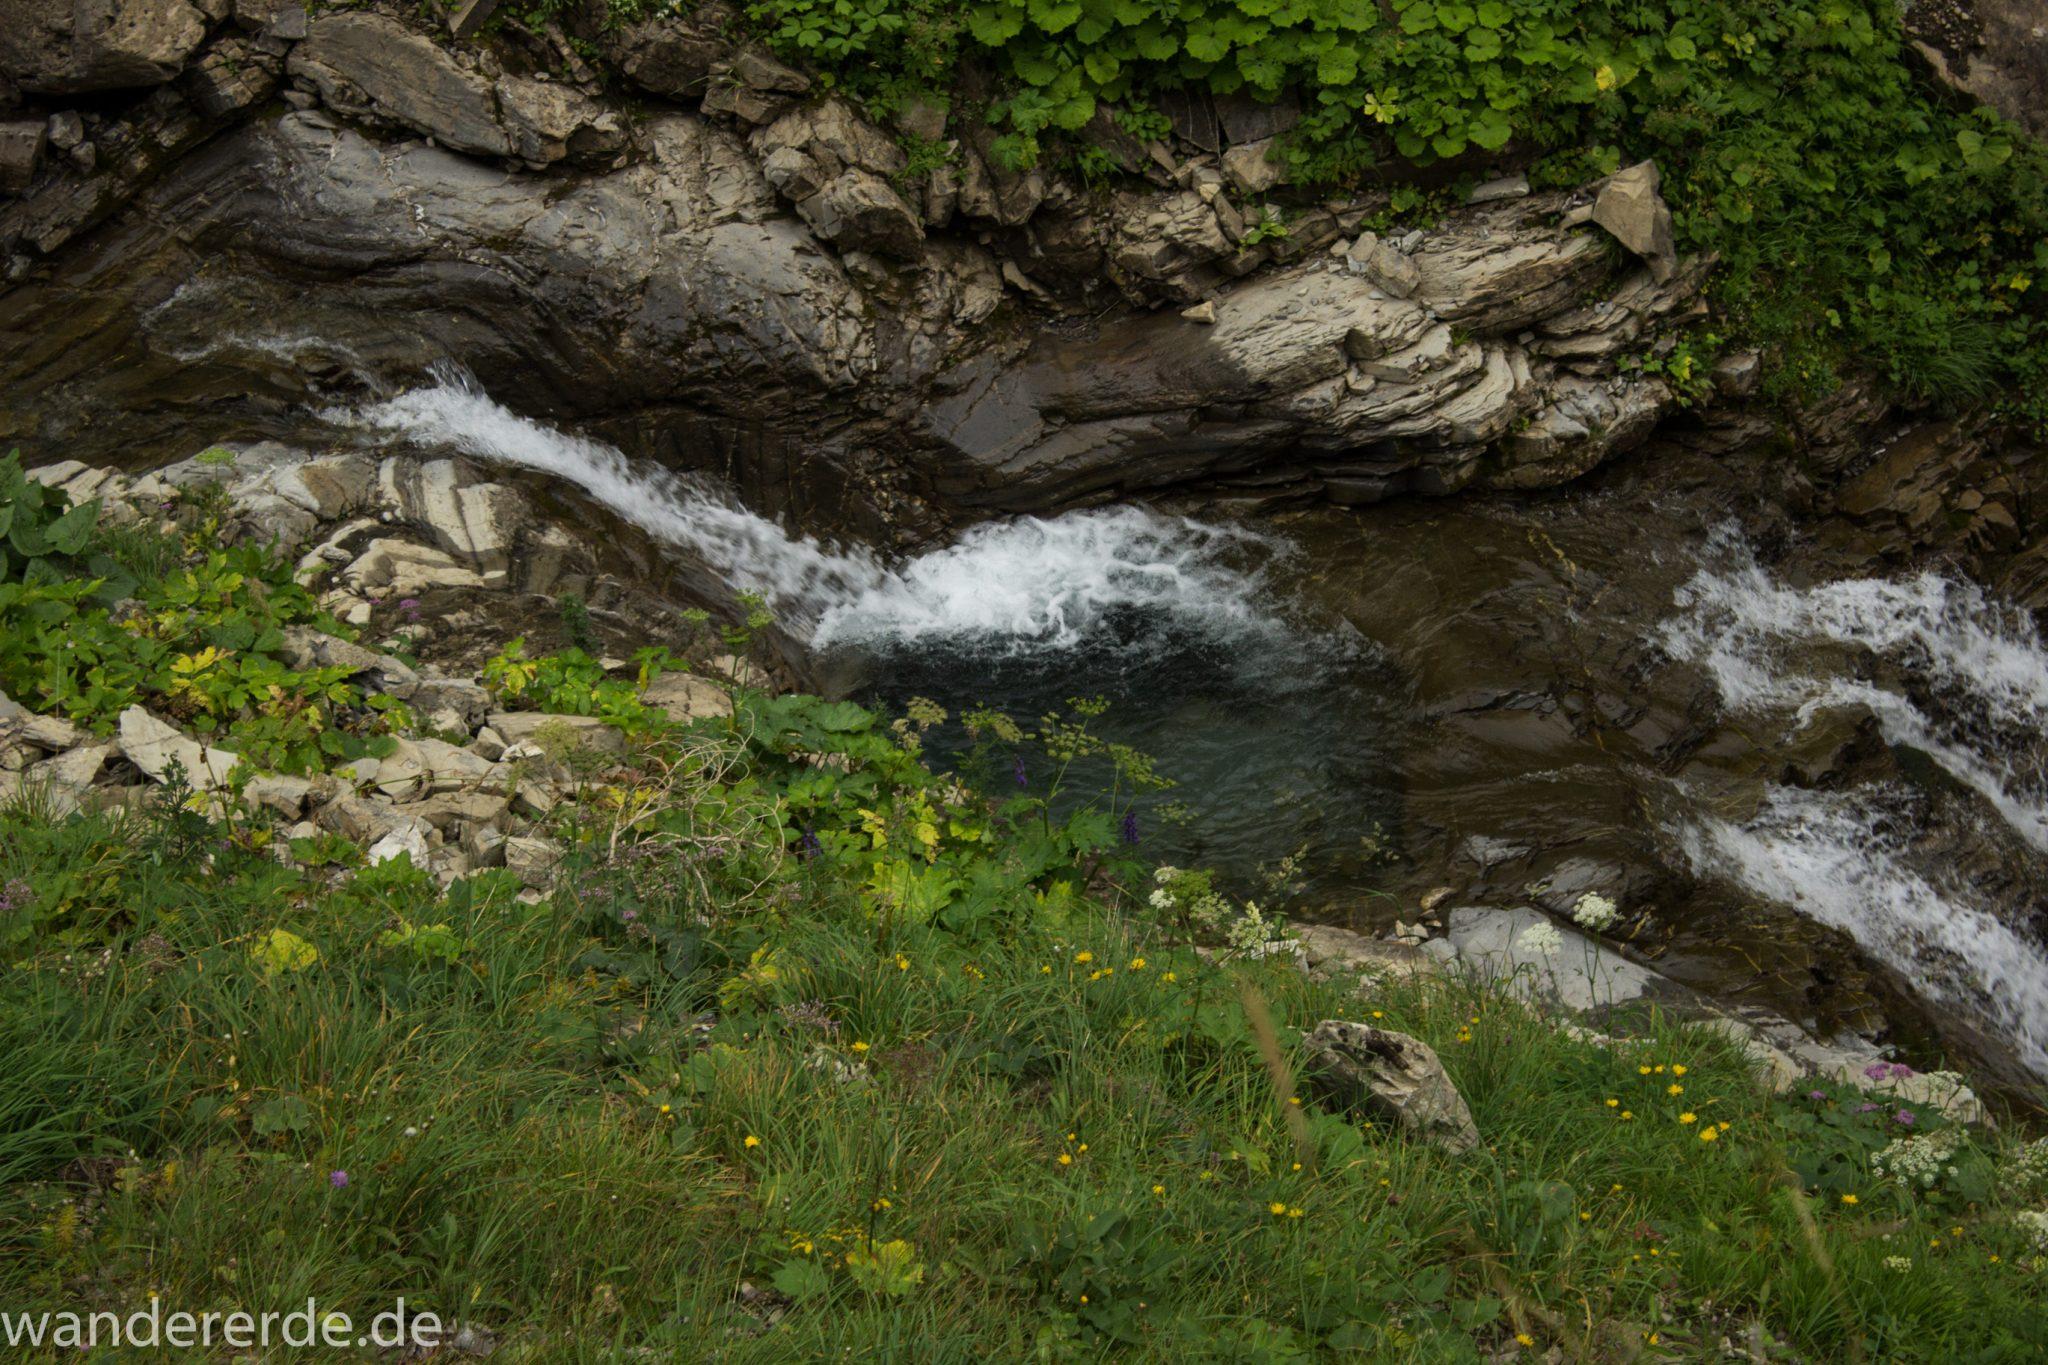 Alpenüberquerung Fernwanderweg E5 Oberstdorf Meran, 1. Etappe von Oberstdorf zur Kemptner Hütte, Wanderweg führt von der Spielmannsau bei Oberstdorf im Allgäu zur Kemptner Hütte entlang eines schmalen Wanderpfads über Stock und Stein, Weg durch Sperrbachtobel mit Schnee, Schlucht umgeben von hohen Felswänden in den Bergen, Wegverlauf zunehmend ansteigend, teilweise steil